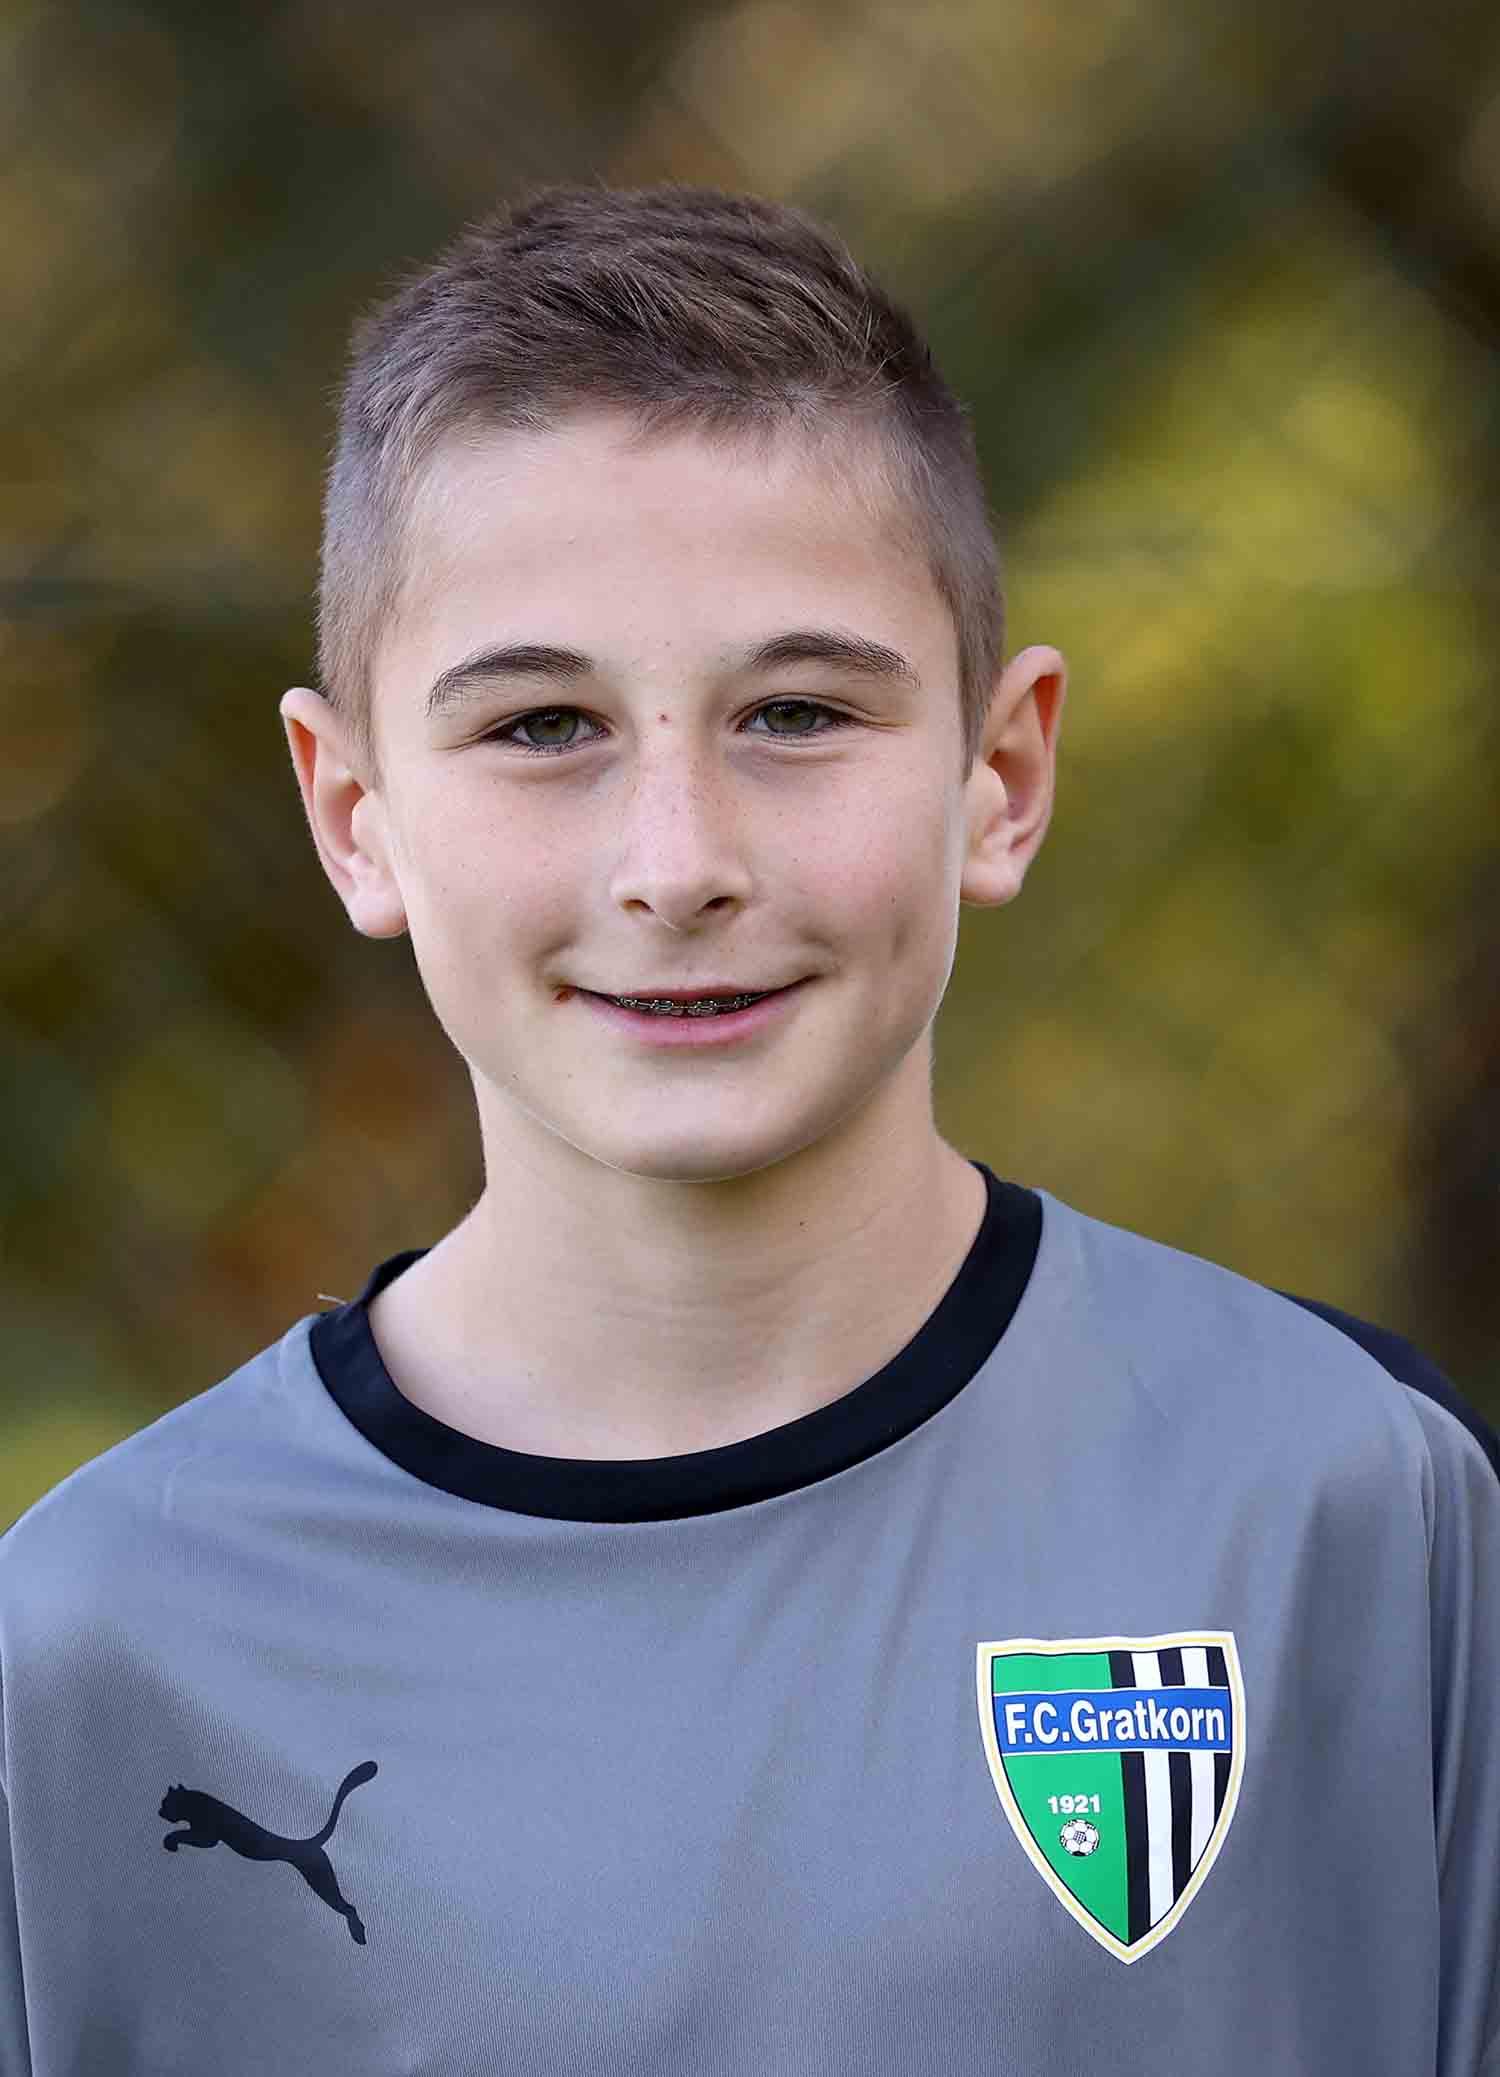 Christoph Haslinger, FC Gratkorn U13